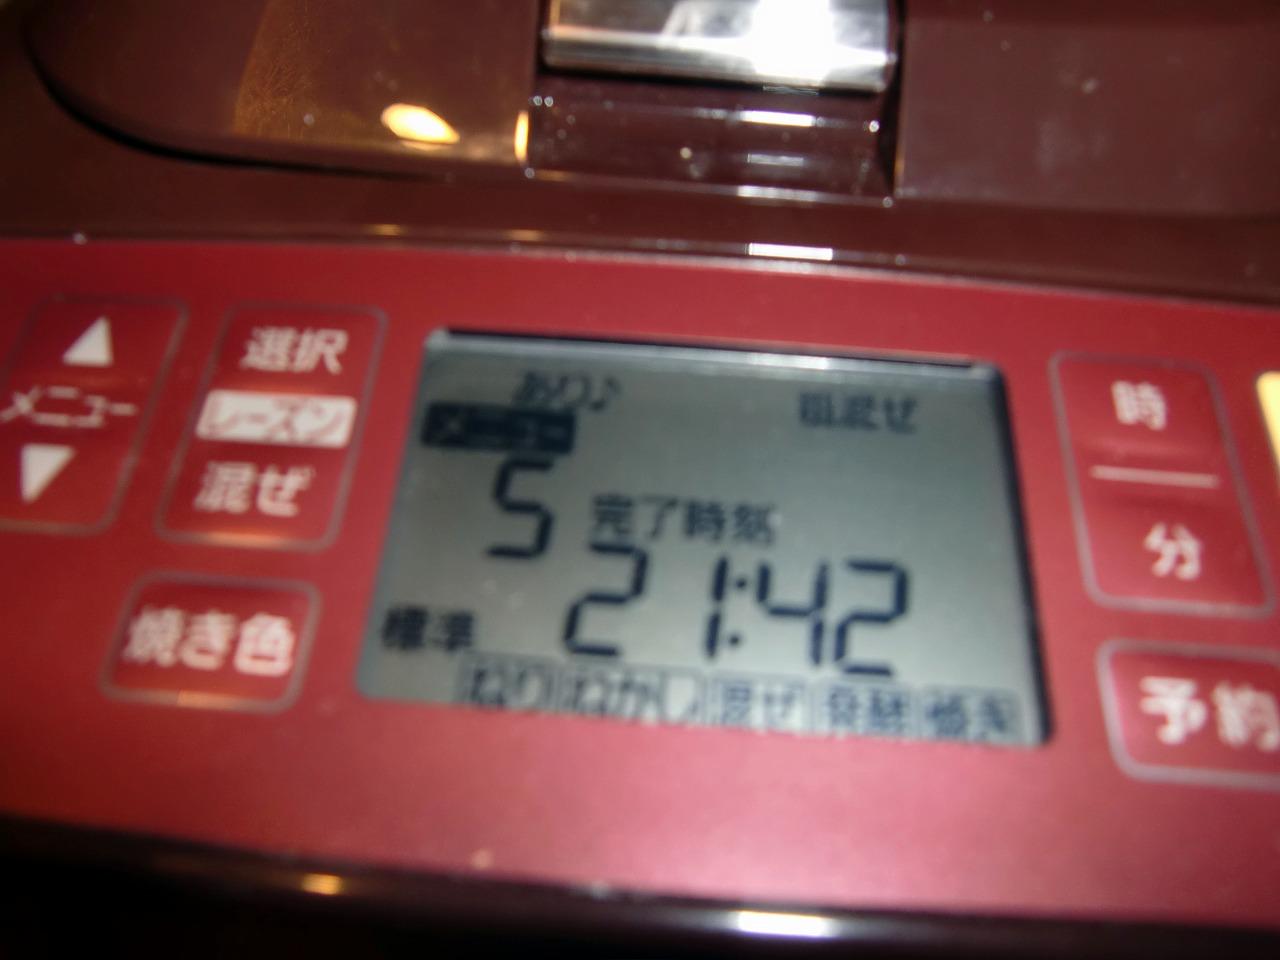 murasakiimochokosofutopan1